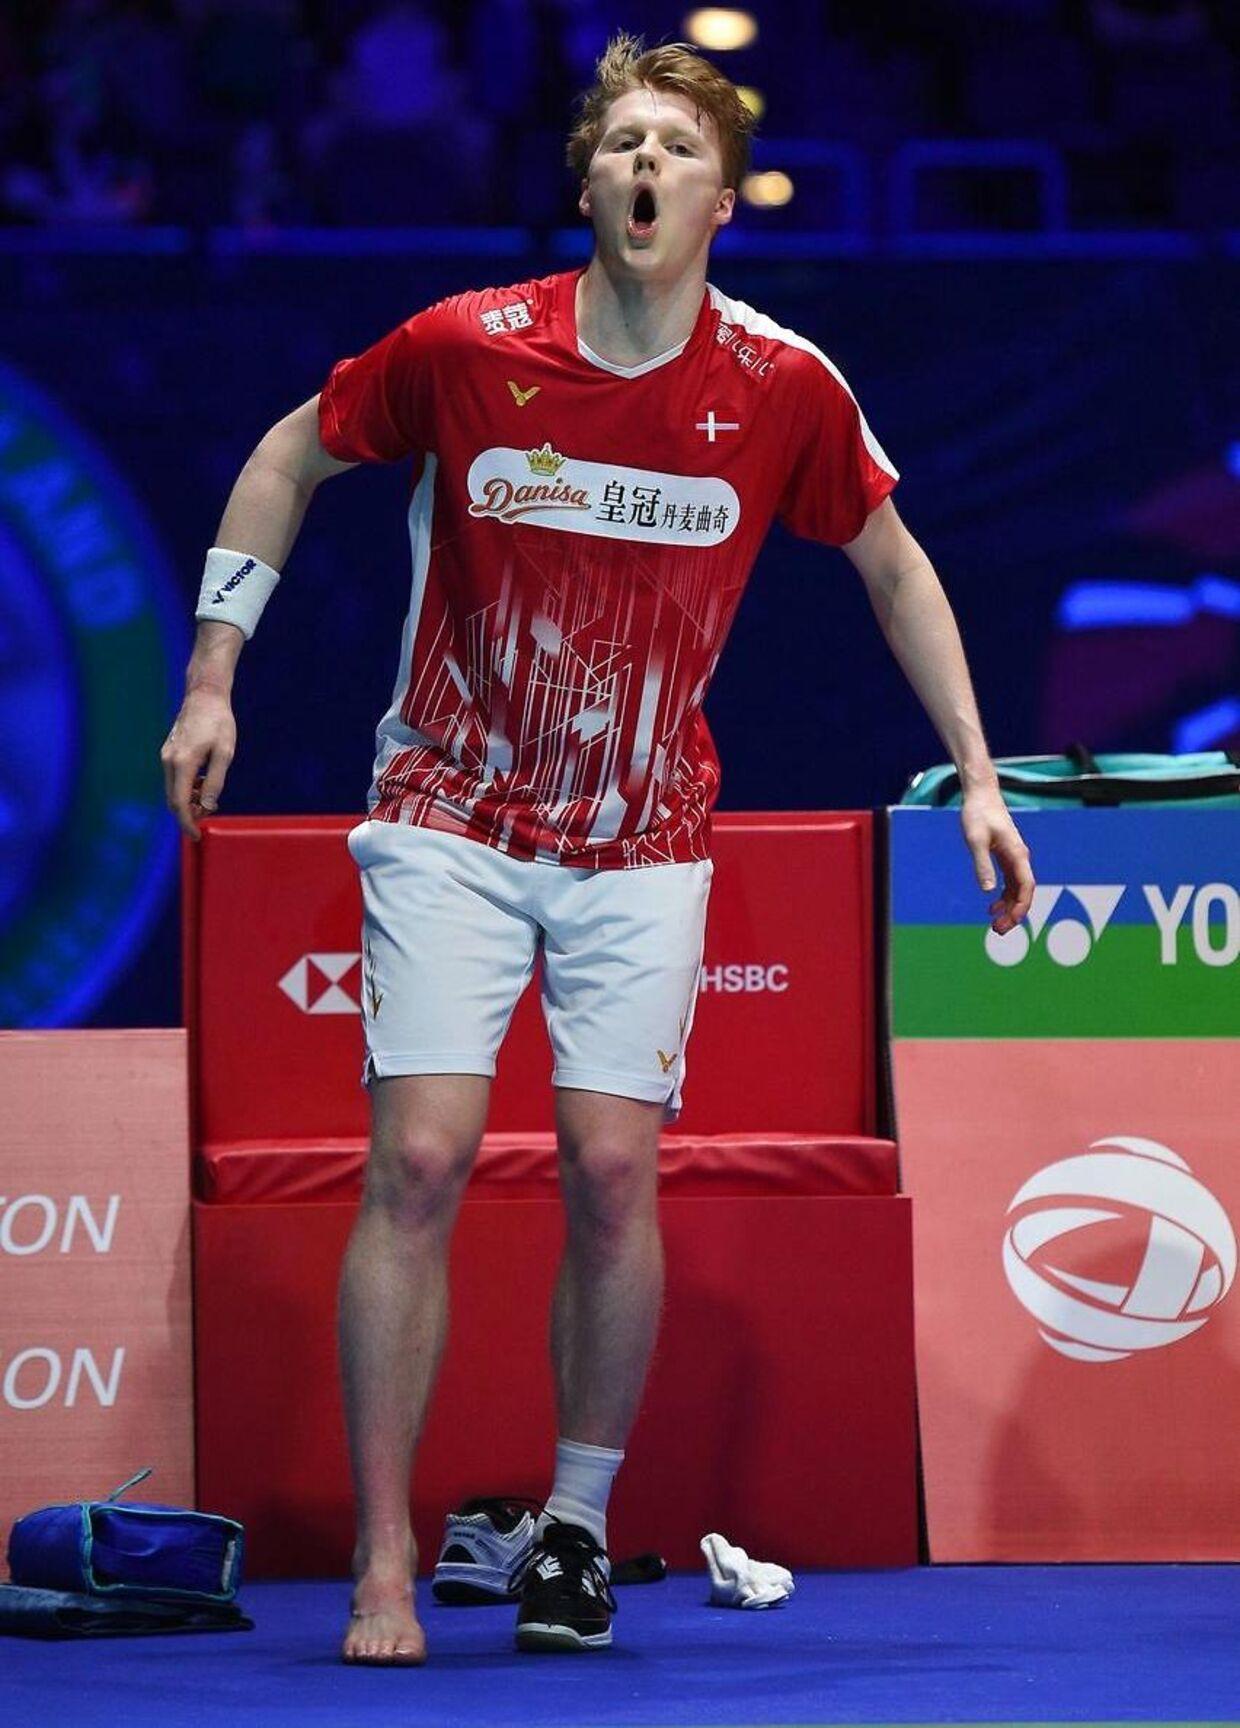 Så ondt havde Anders Antonsen, efter han i All England-semifinalen mod Chou Tien Chen var vrikket om på sin højre fod.